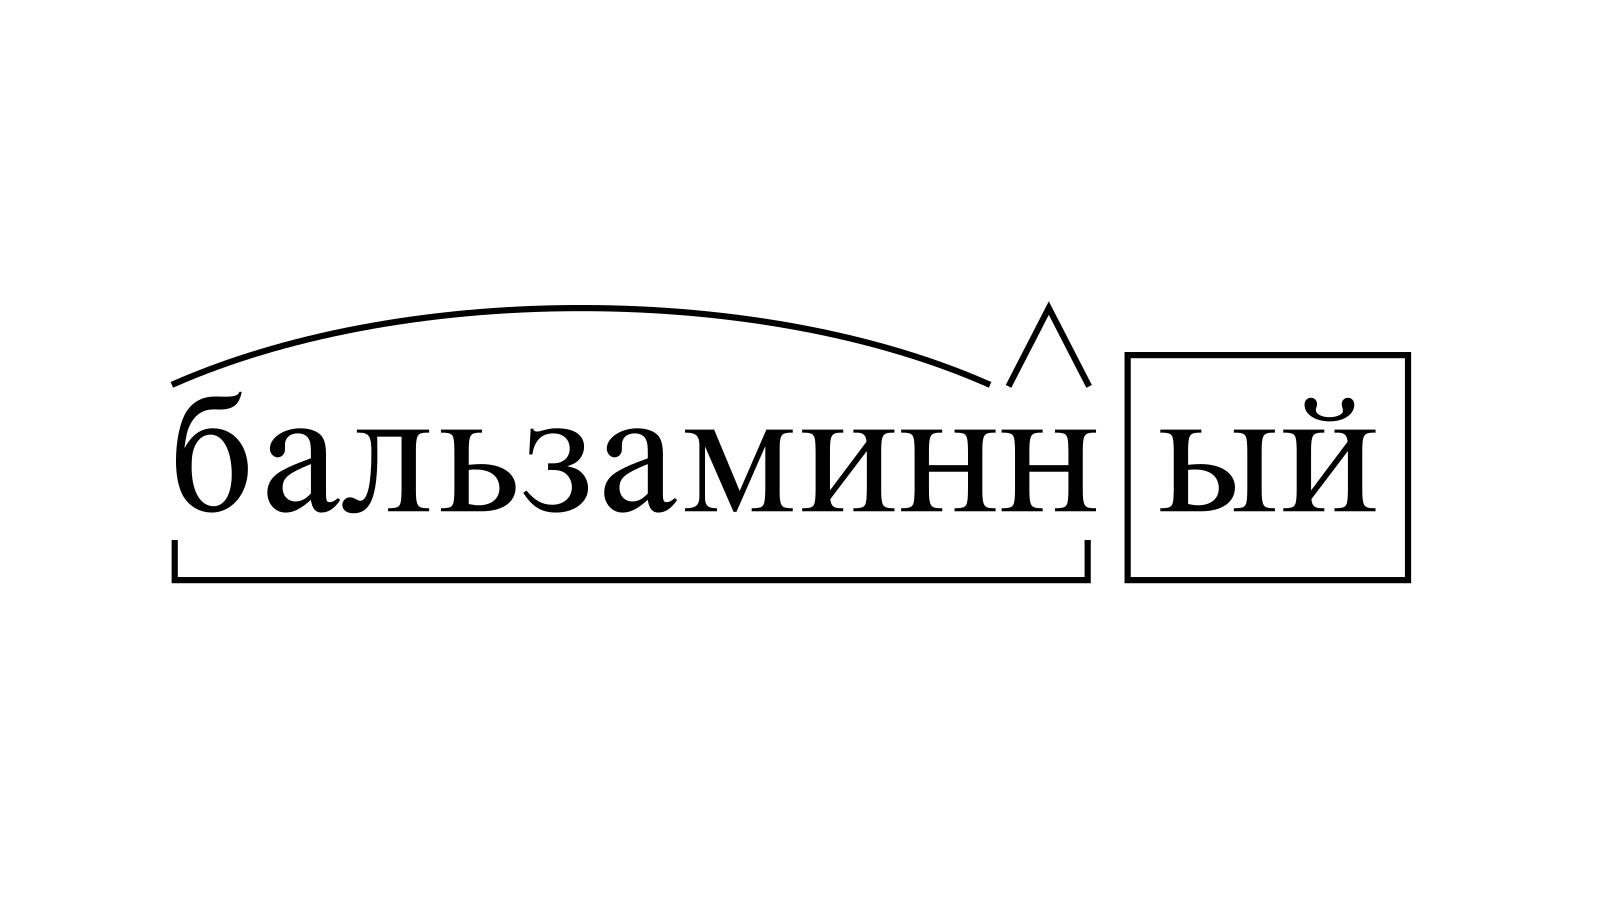 Разбор слова «бальзаминный» по составу